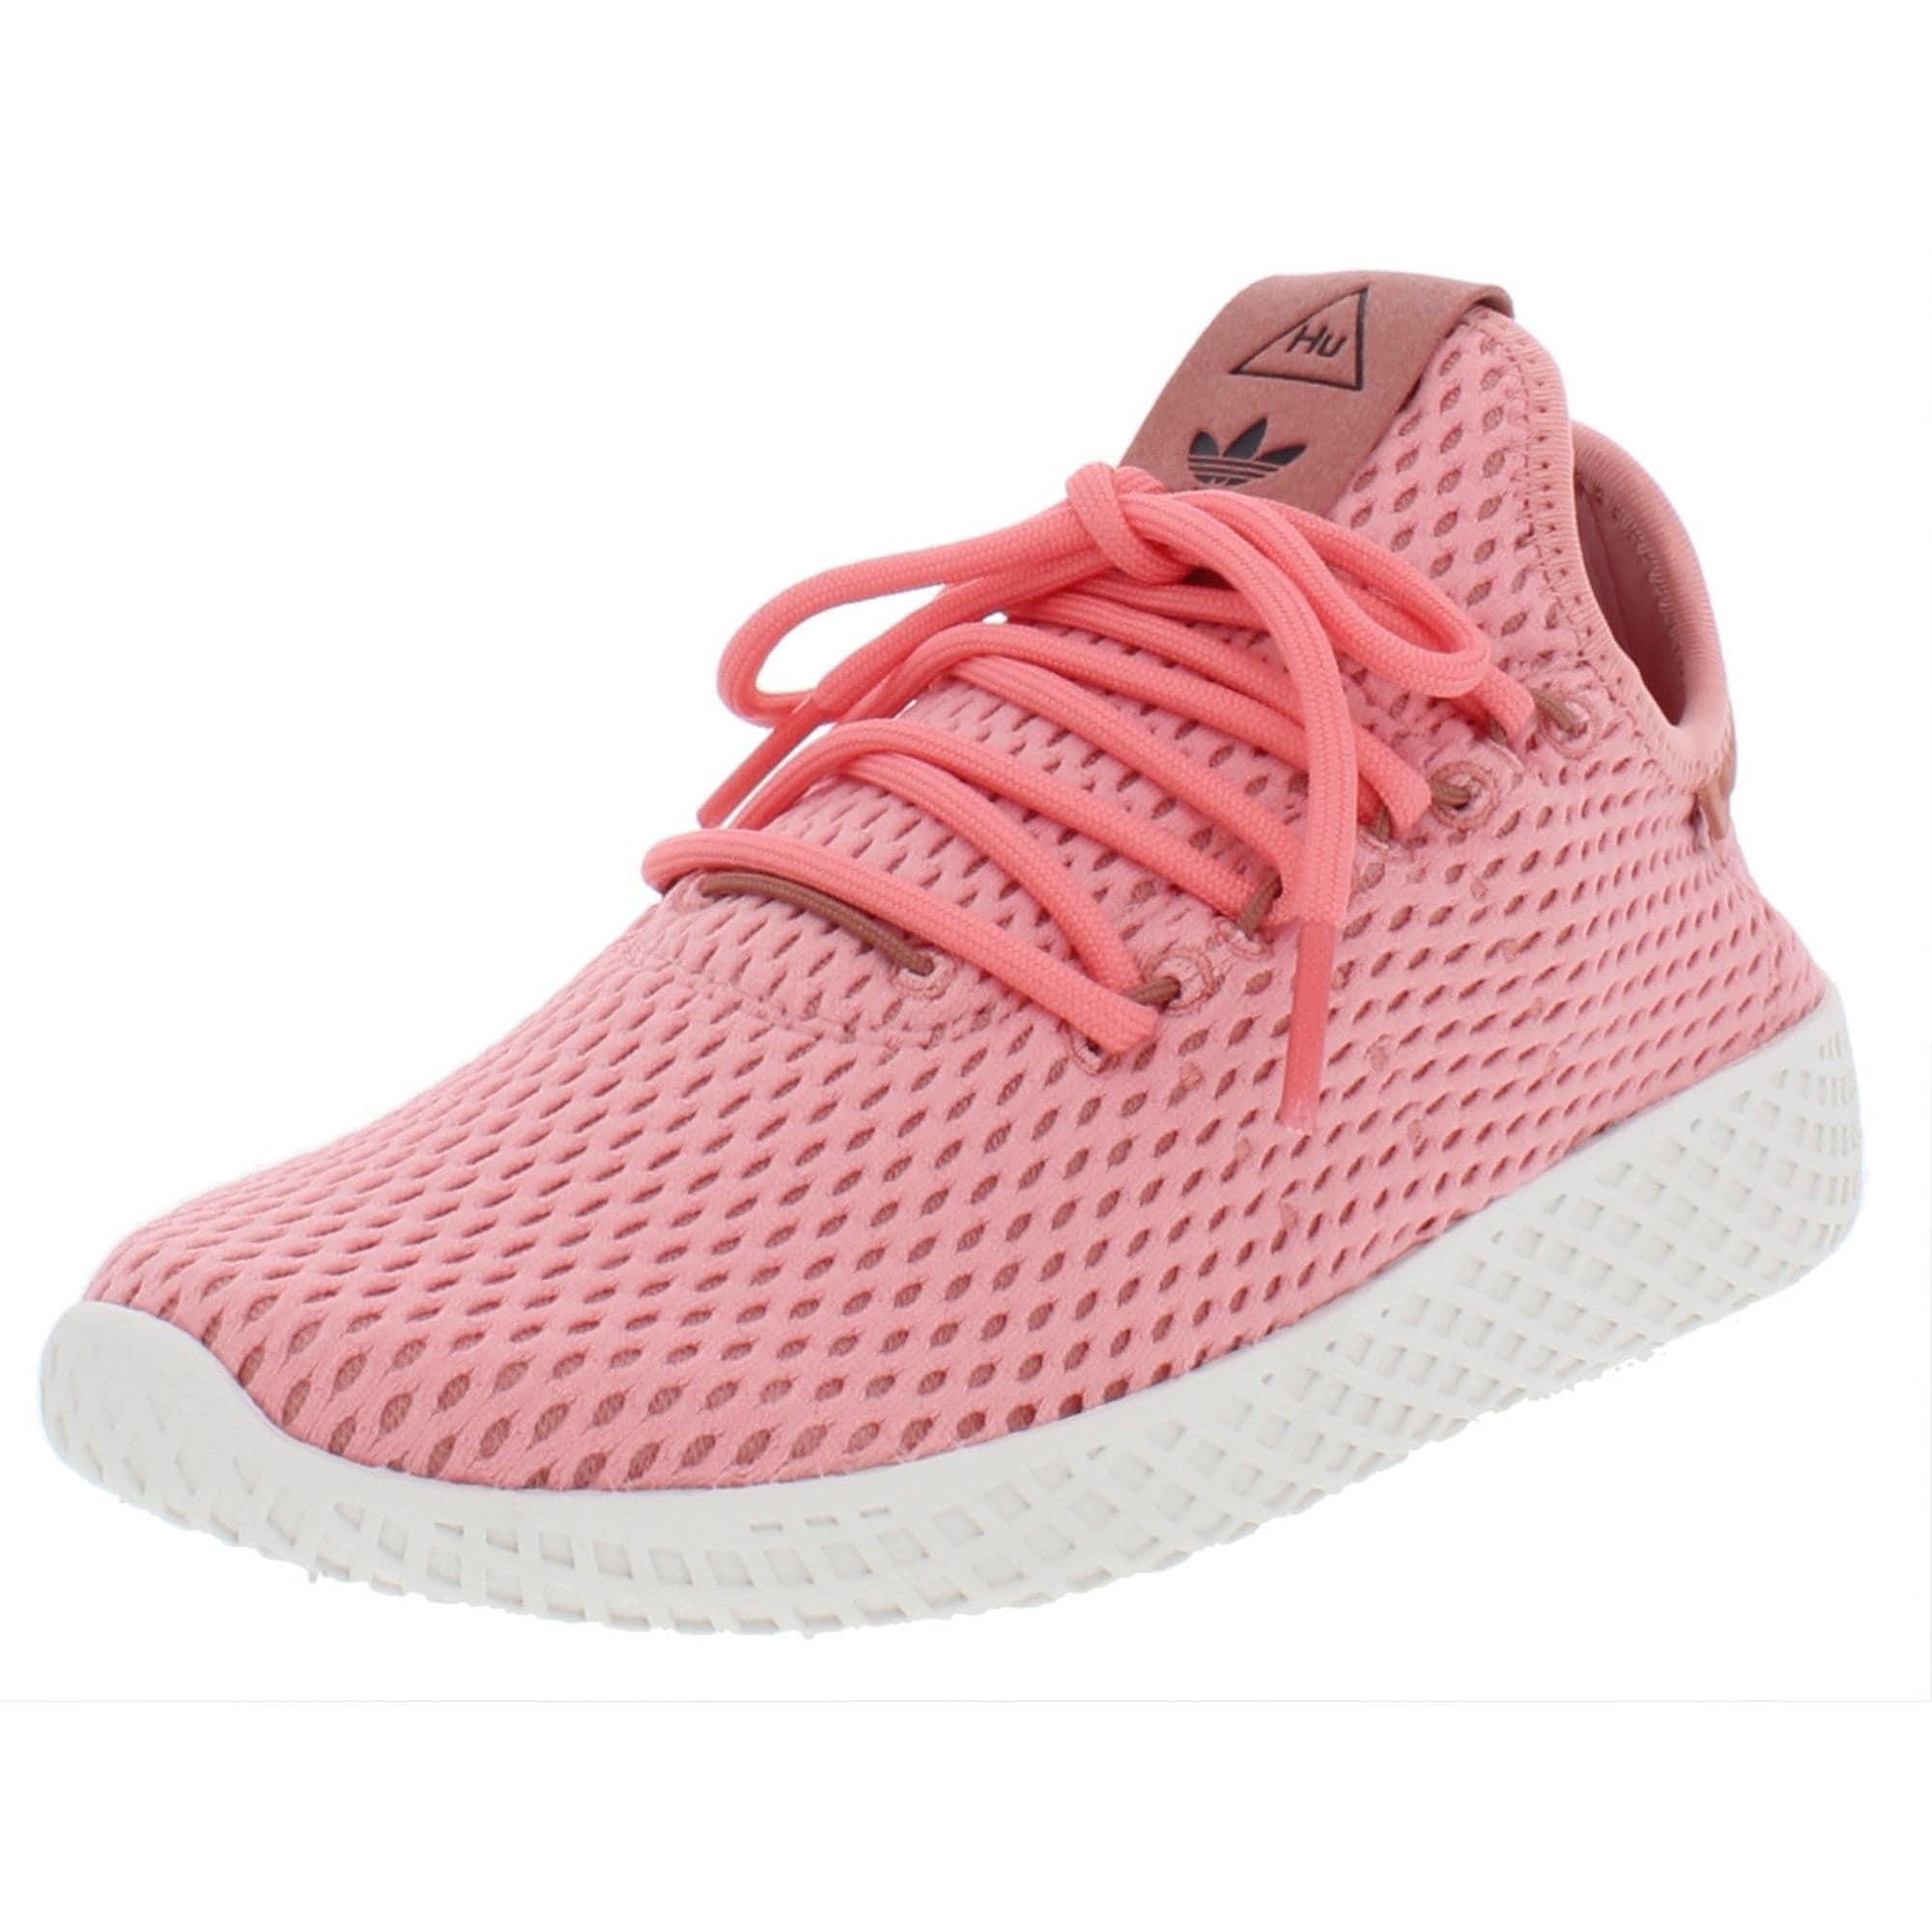 Tumor maligno Criatura Típicamente  Shop adidas Originals Tennis Shoes Mesh Low Top - Overstock - 27798552